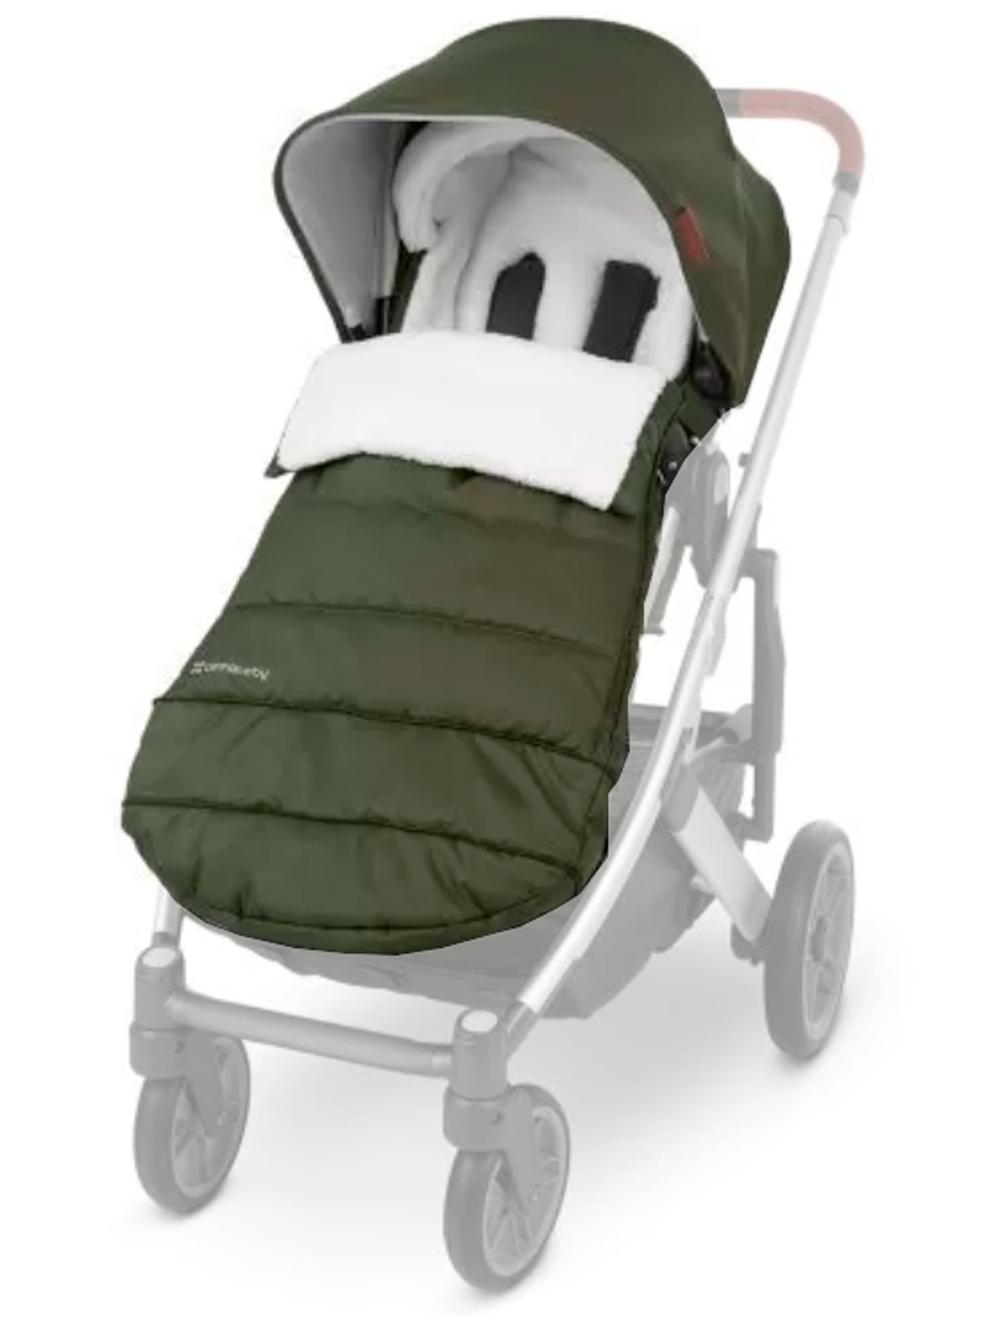 Купить 2267842, Аксессуар для коляски UPPAbaby, зеленый, 3984528080089